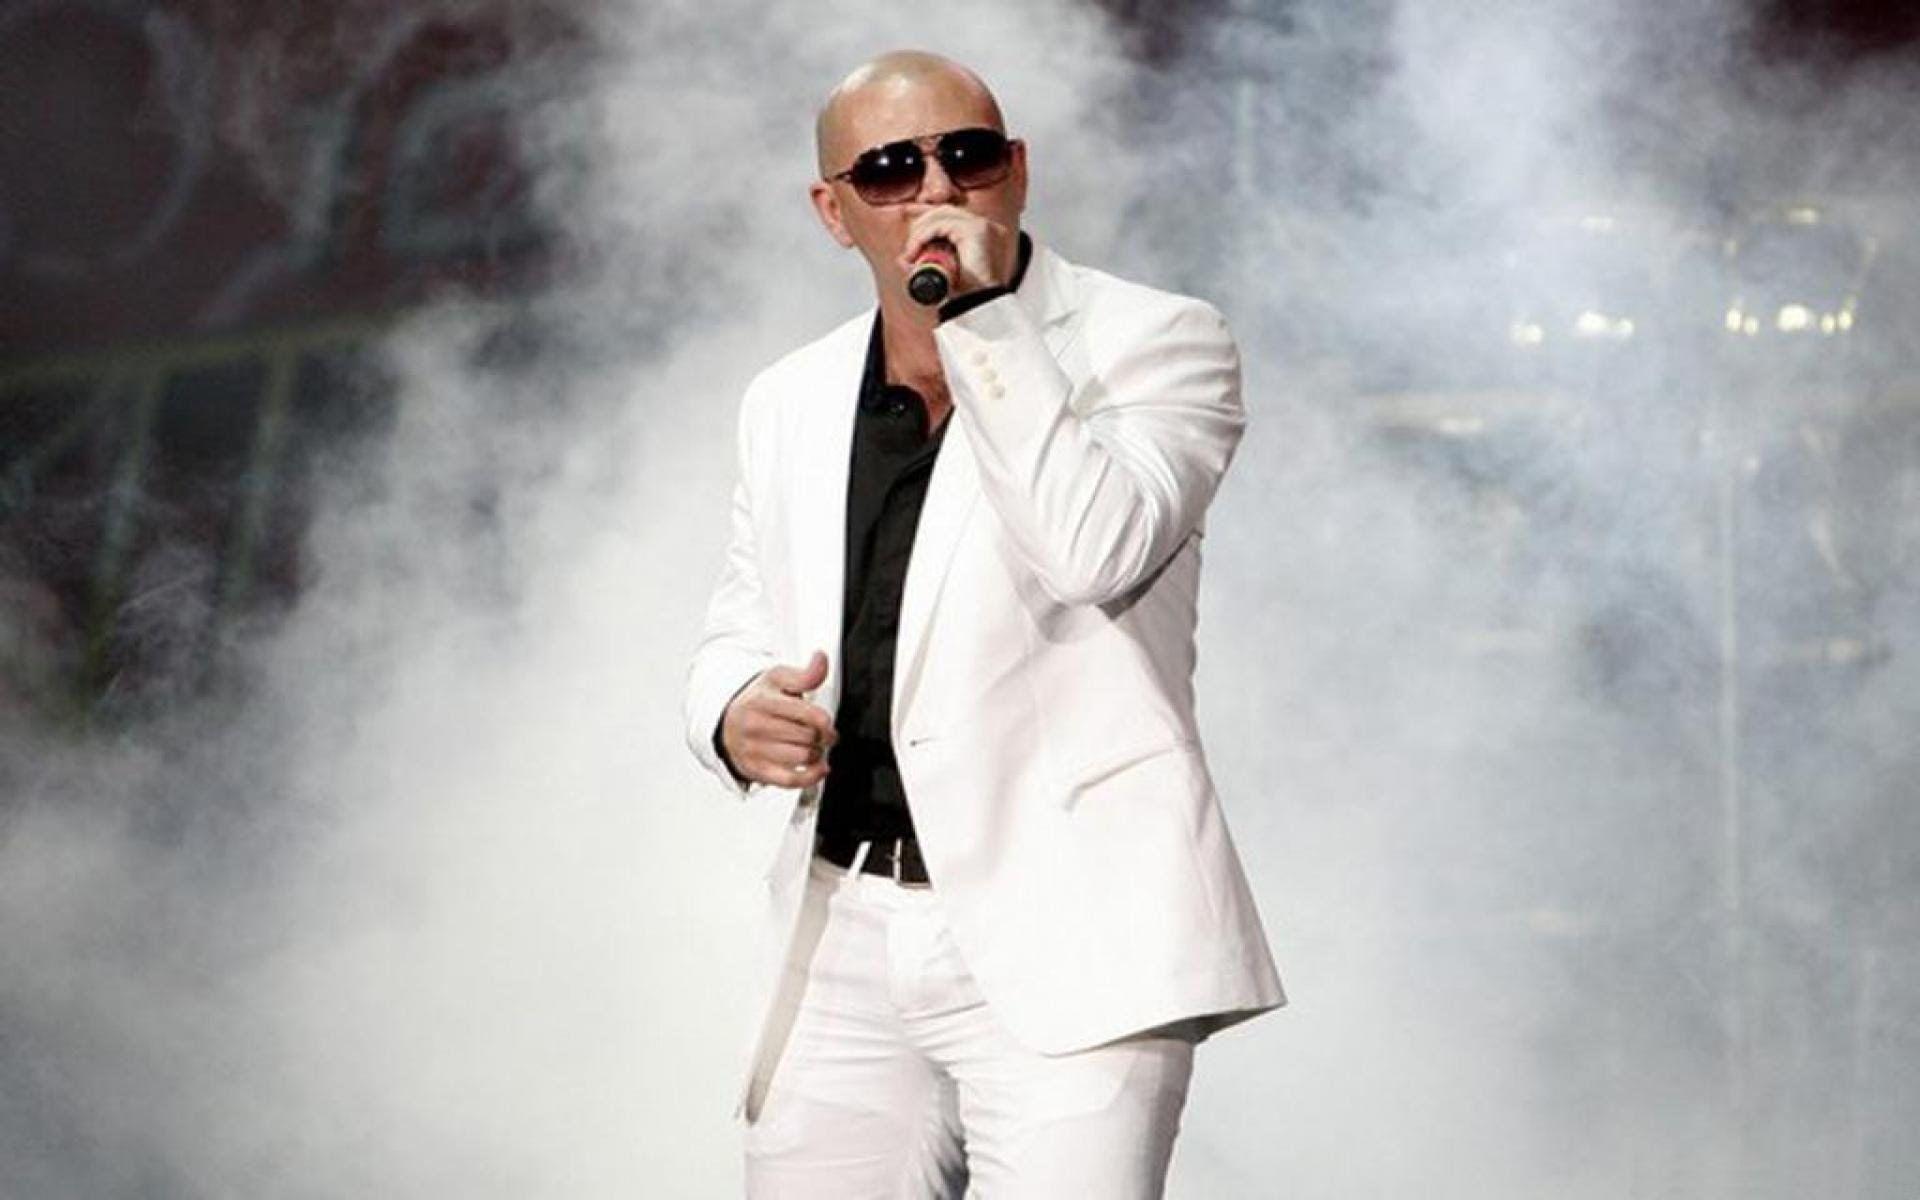 Pitbull, yaşamış olduğu tüm bu zorluklarla birlikte artık başarılarını, girişimciliklerini de insanlara anlatmaktadır.